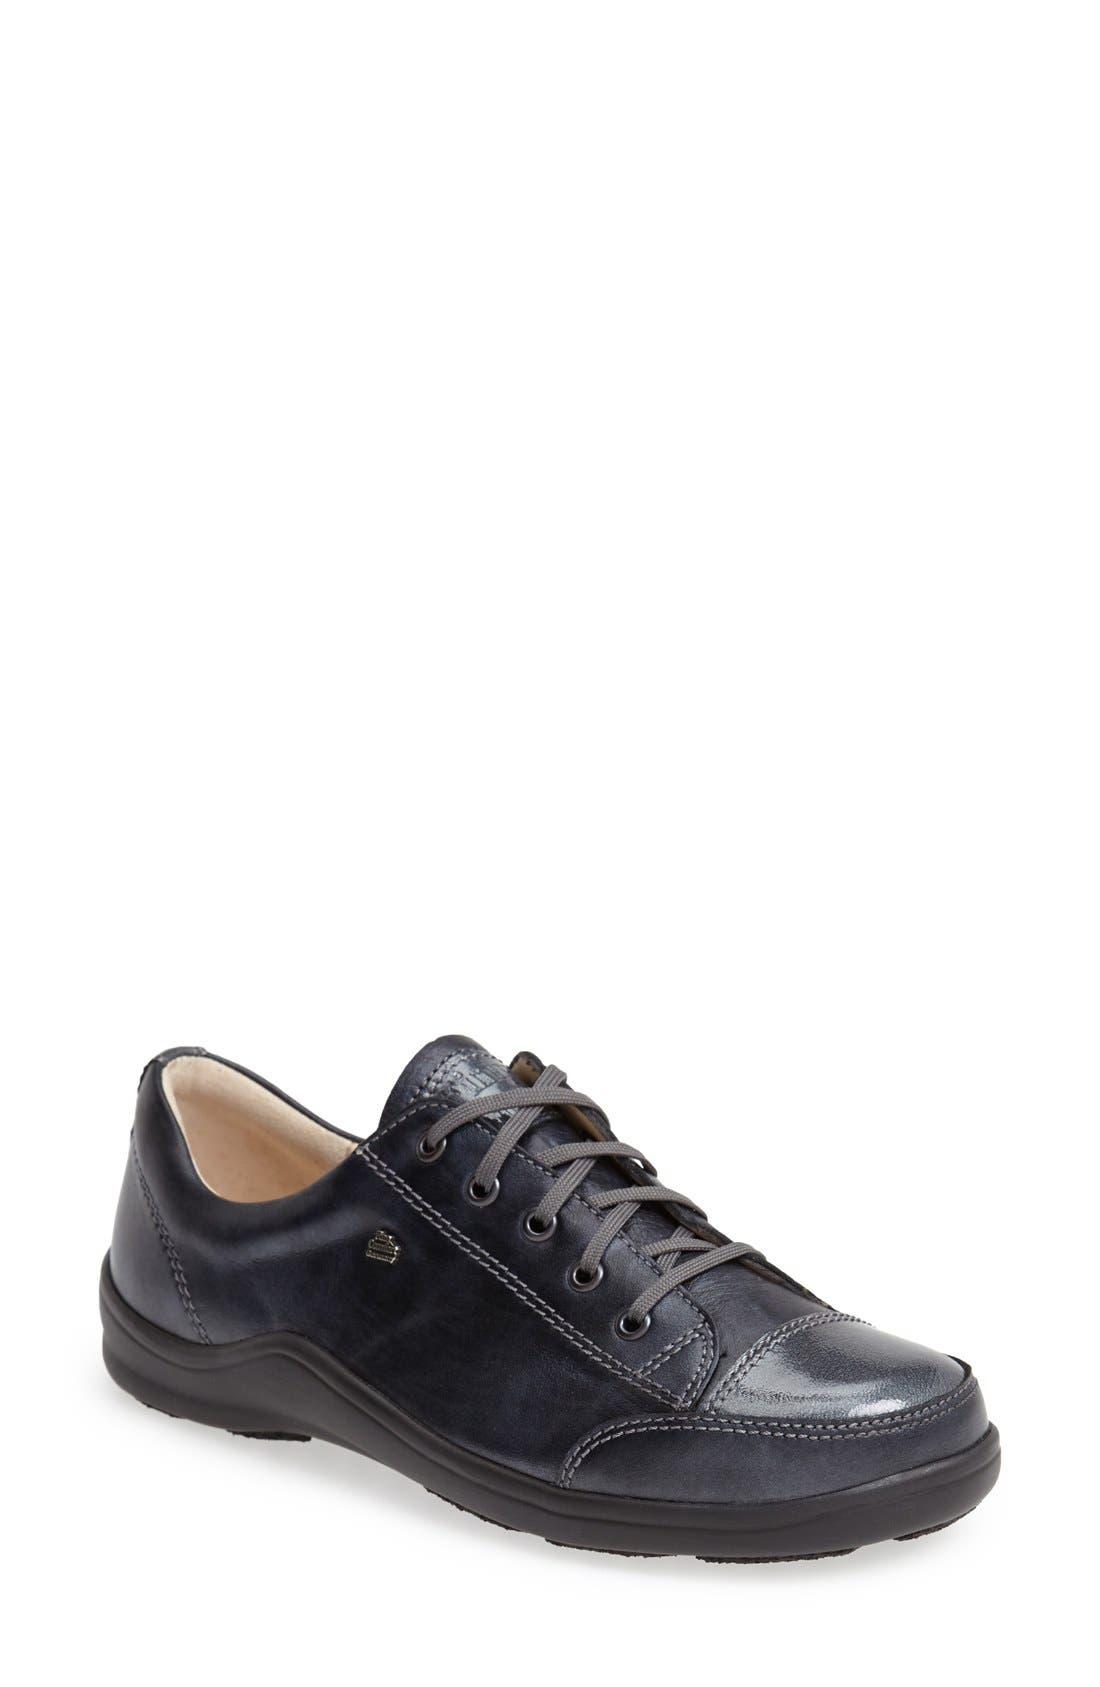 Main Image - Finn Comfort 'Soho' Sneaker (Women)